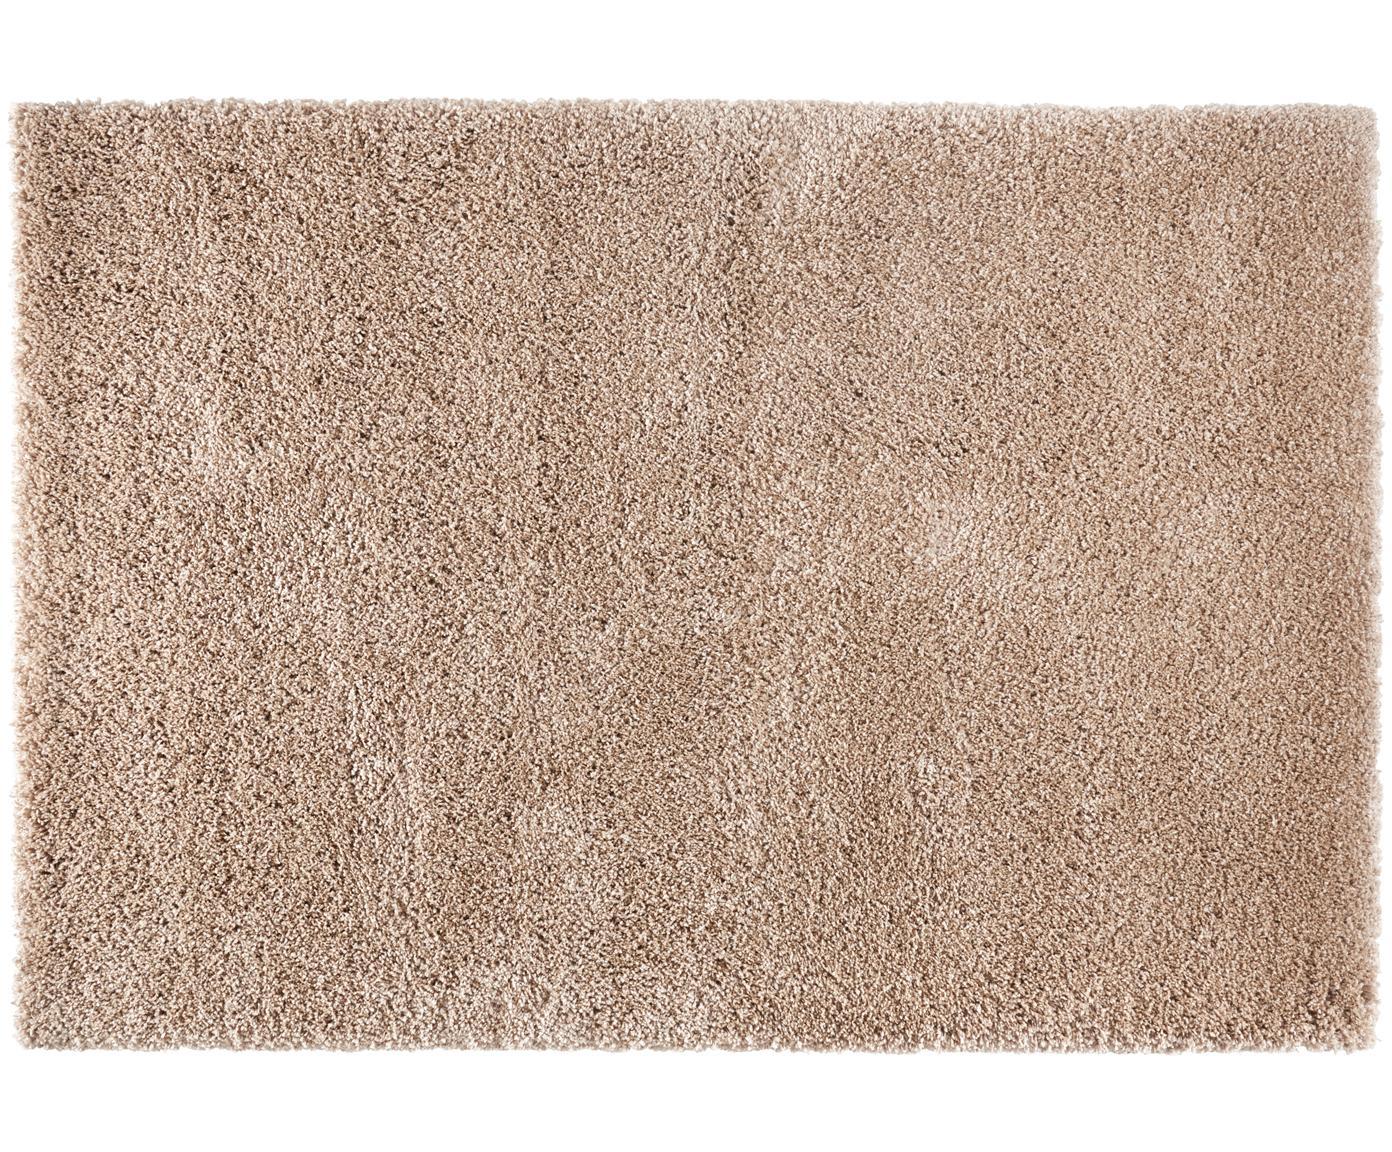 Alfombra de pelo largo Venice, Parte superior: 100%polipropileno, Reverso: yute, Marrón, An 120 x L 170 cm (Tamaño S)